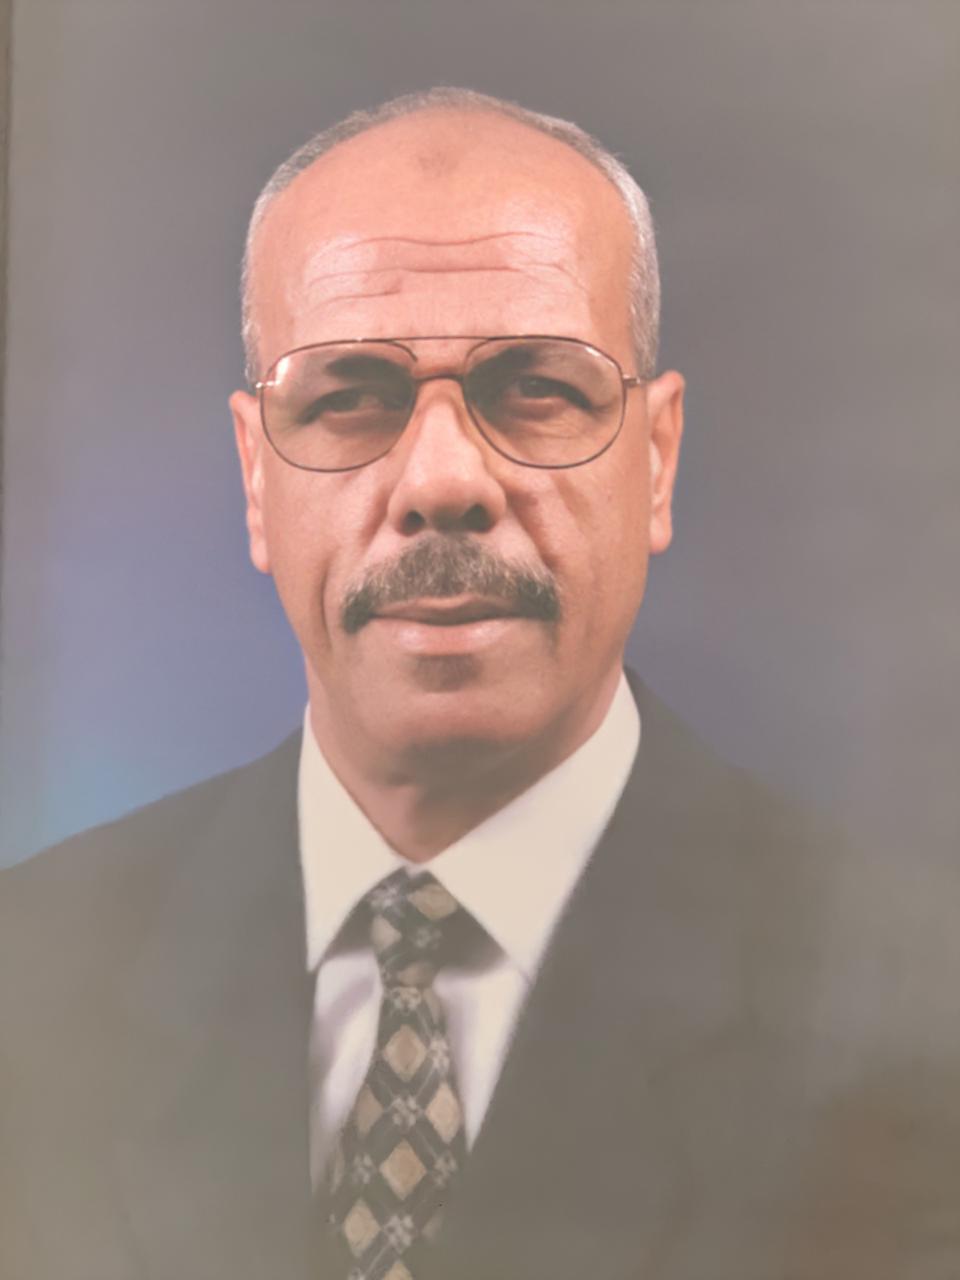 الذكرى الخامسة عشر لوفاة المرحوم صالح محمد النسور (أبو رائد)